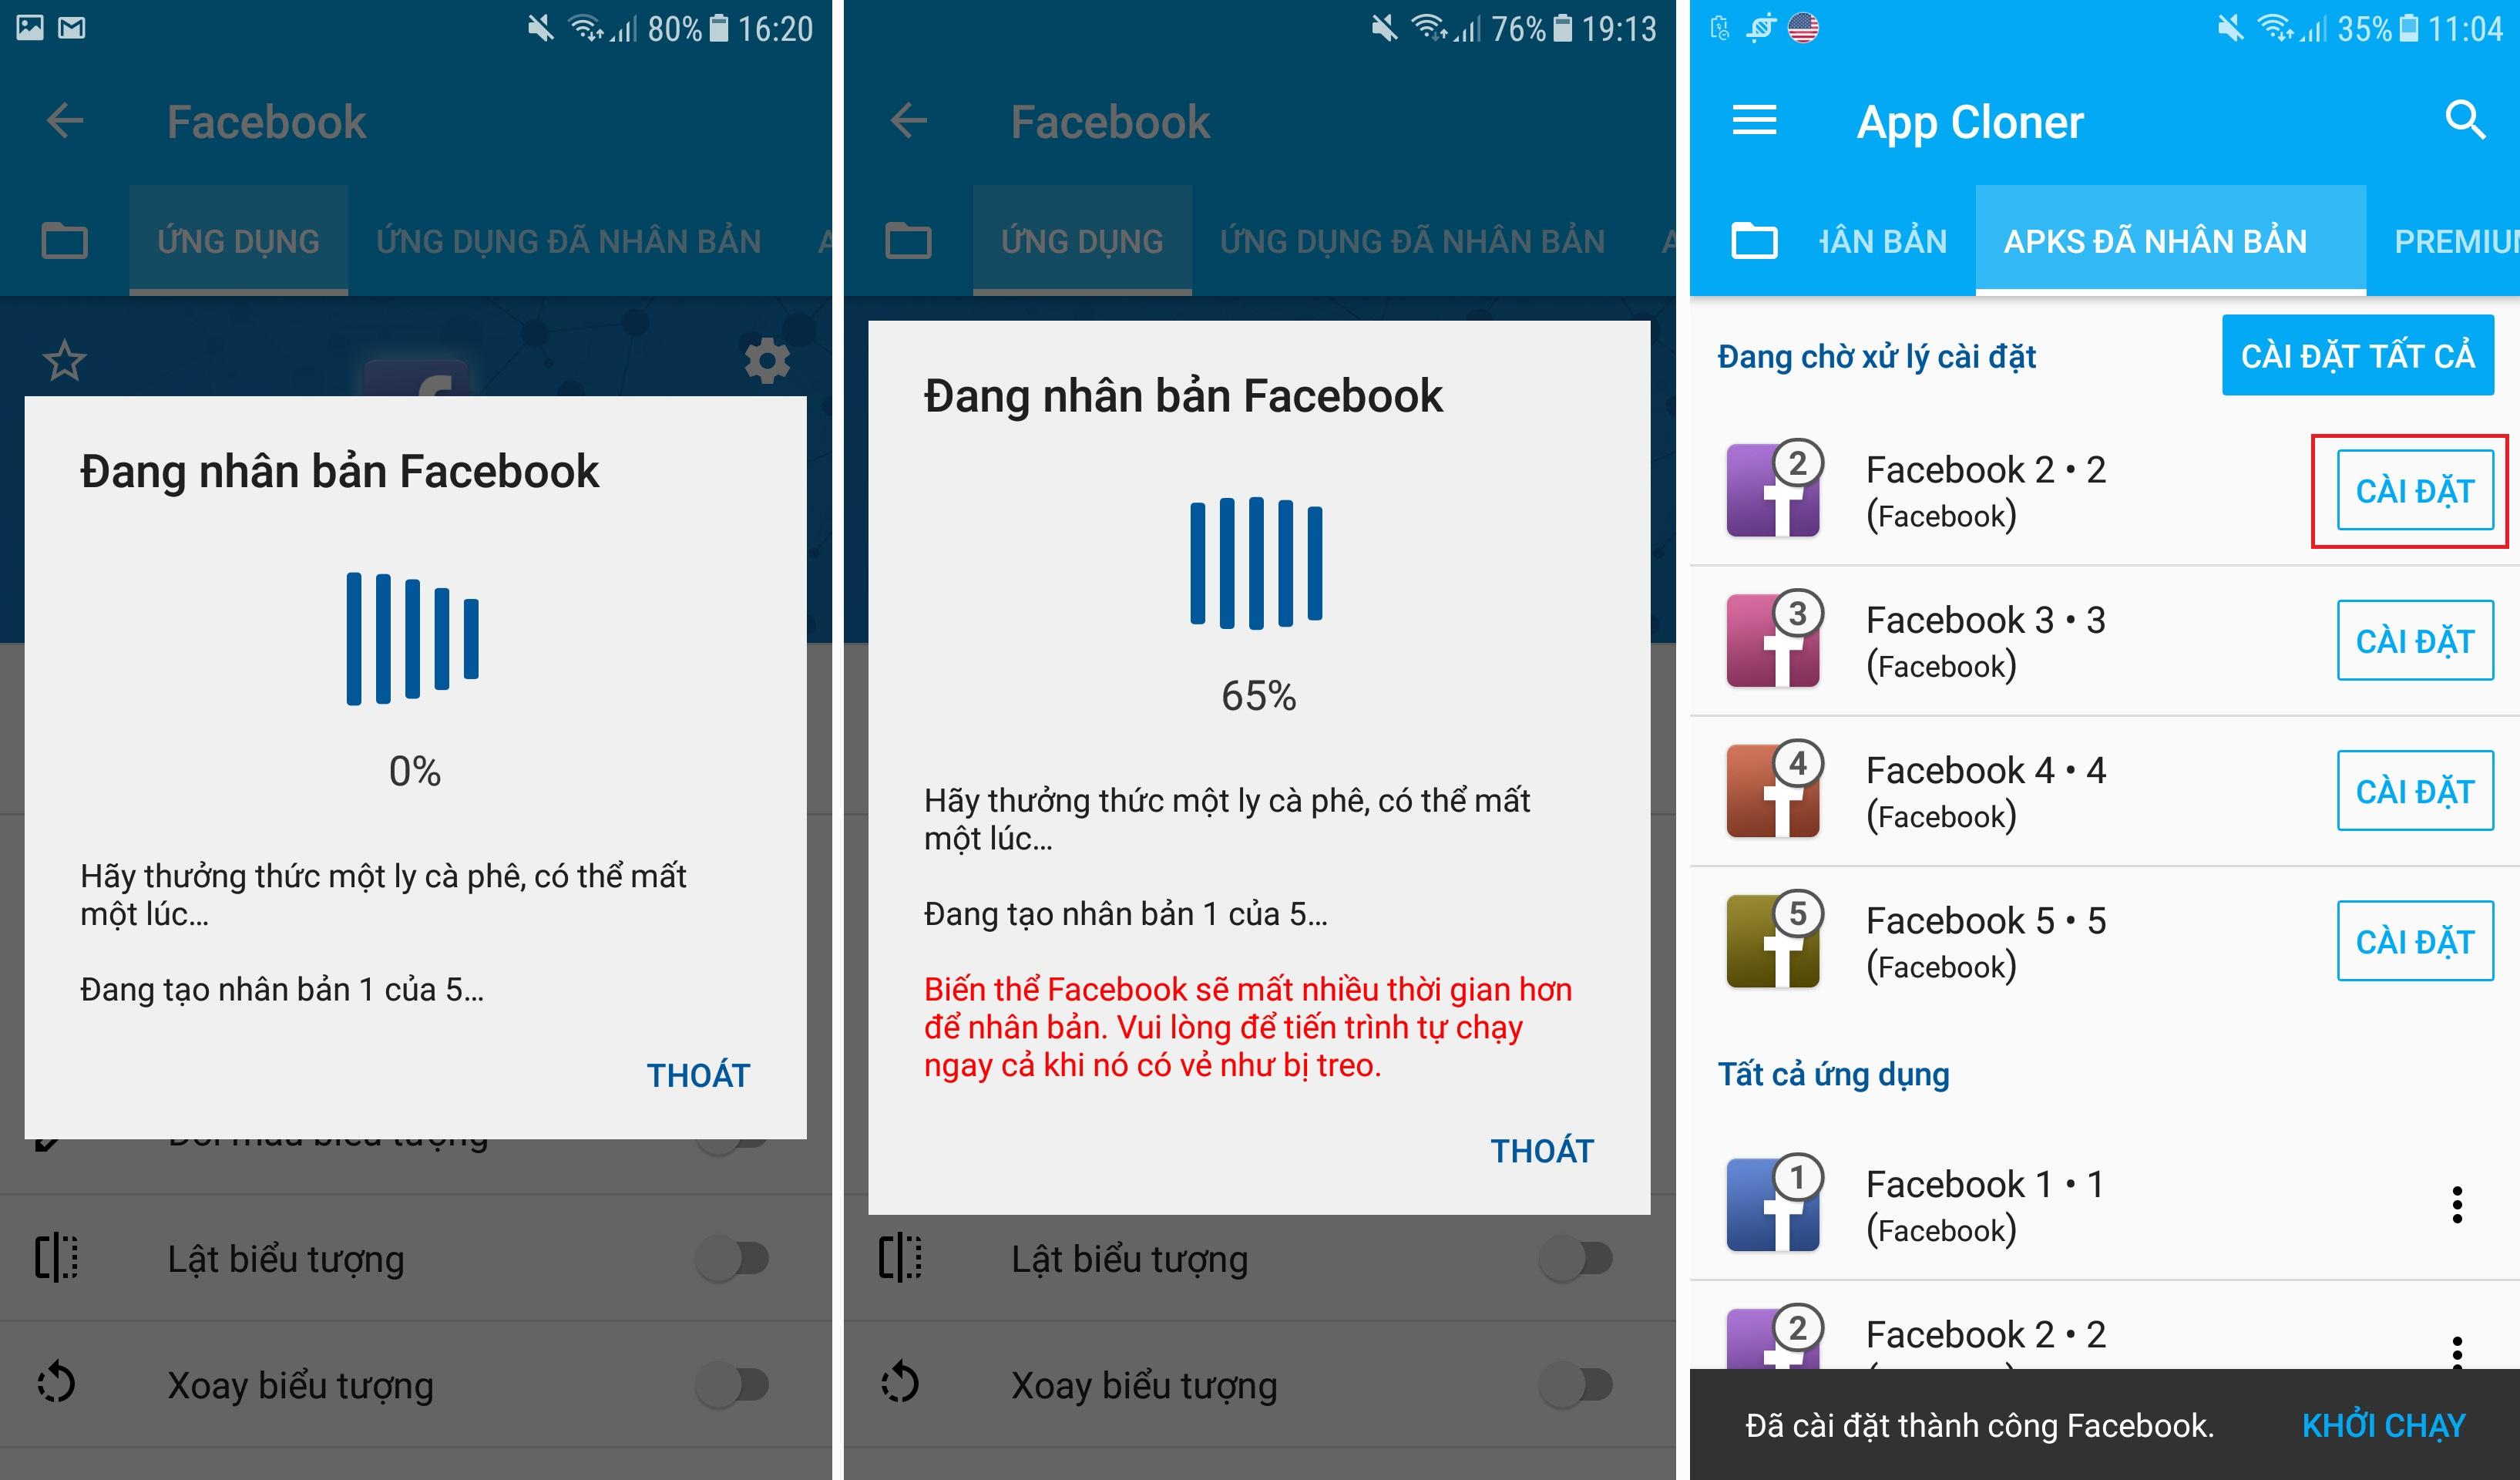 Cách nhân bản app cloner Facebook để nuôi nick điện thoại bằng Ninja System